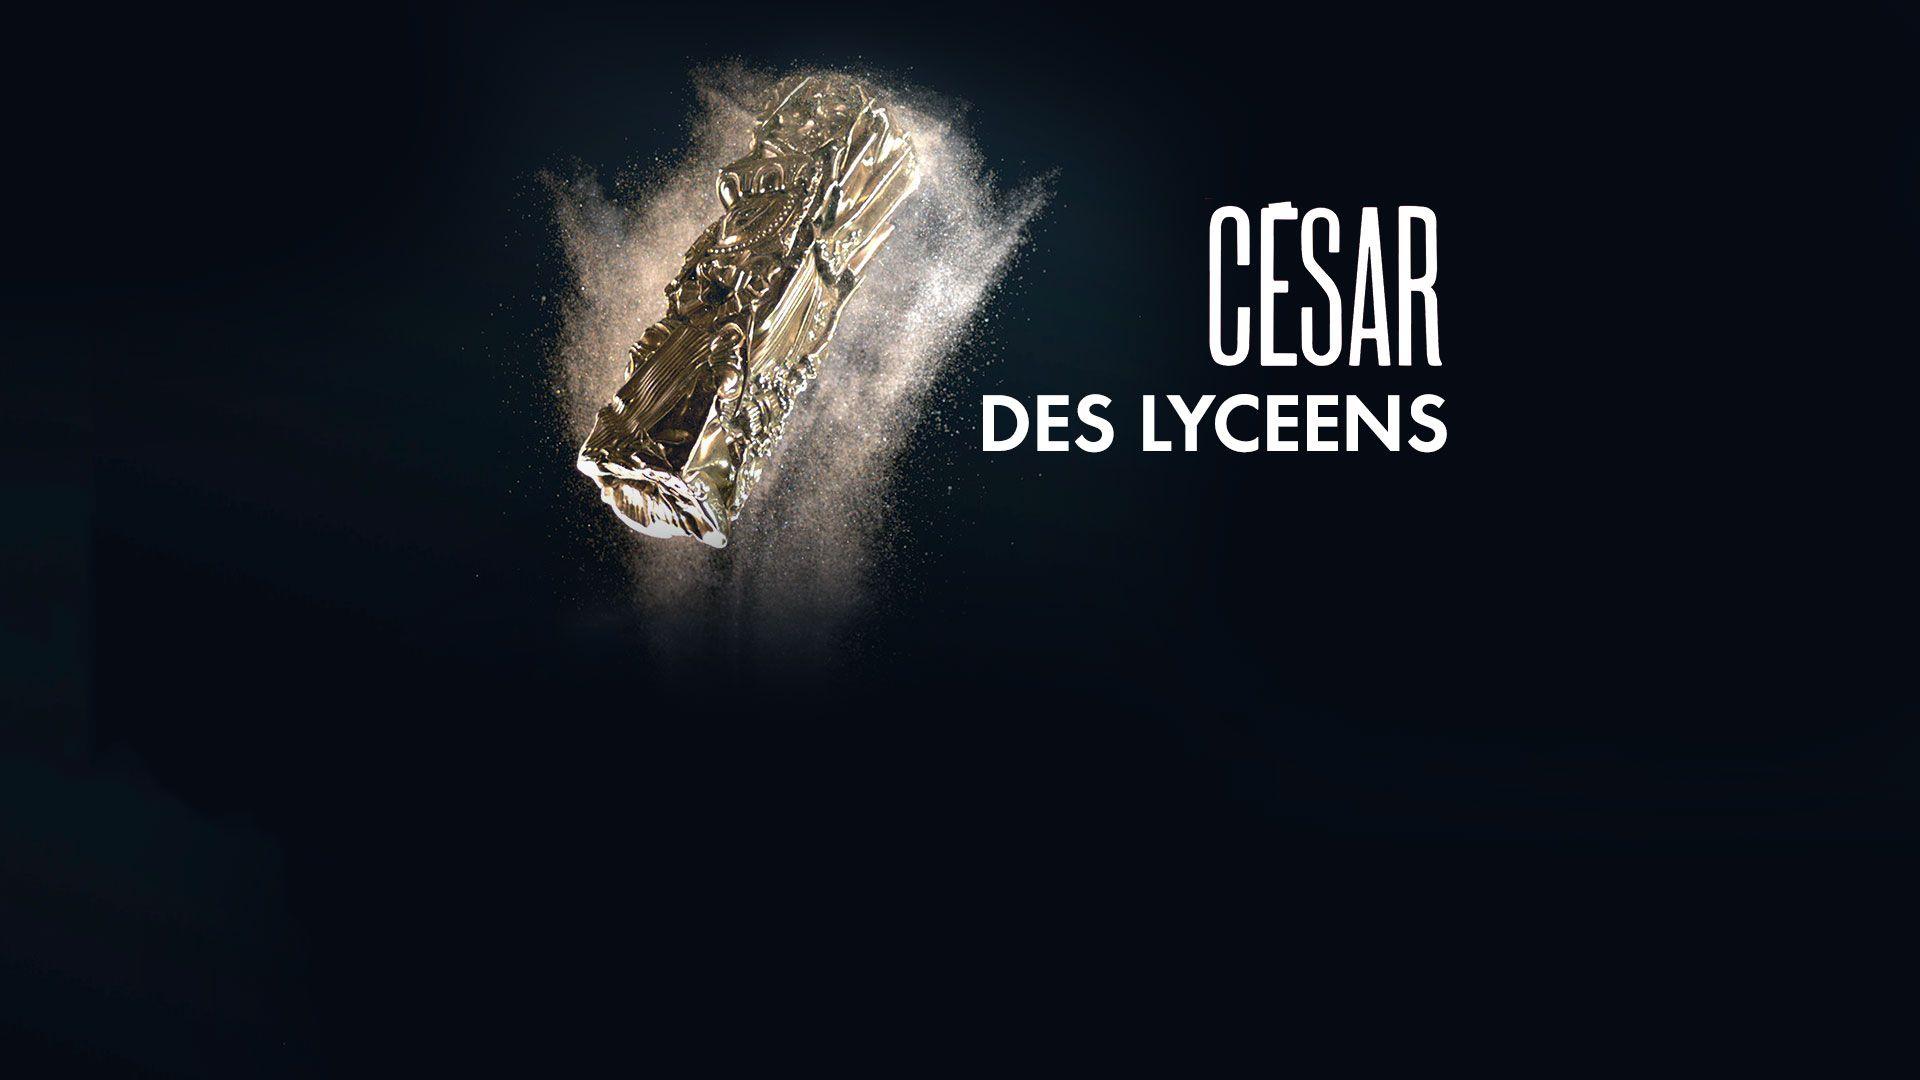 L'Académie des arts et des techniques du cinéma français  annonce la création d'un César des Lycéens en 2019